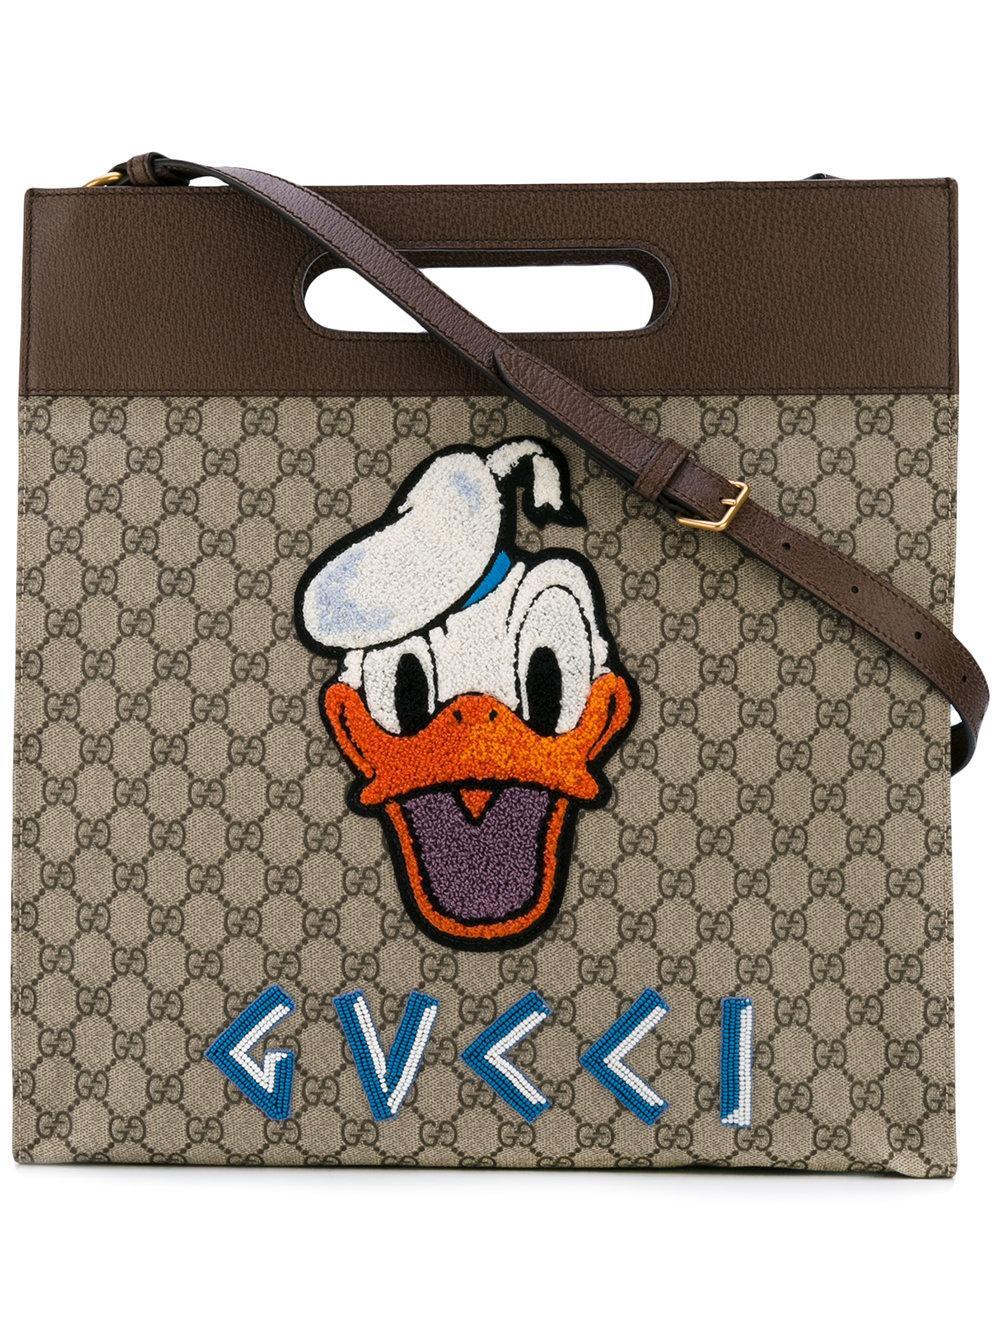 596f0a40e645 Gucci Soft Gg Supreme Donald Duck Tote - Lyst